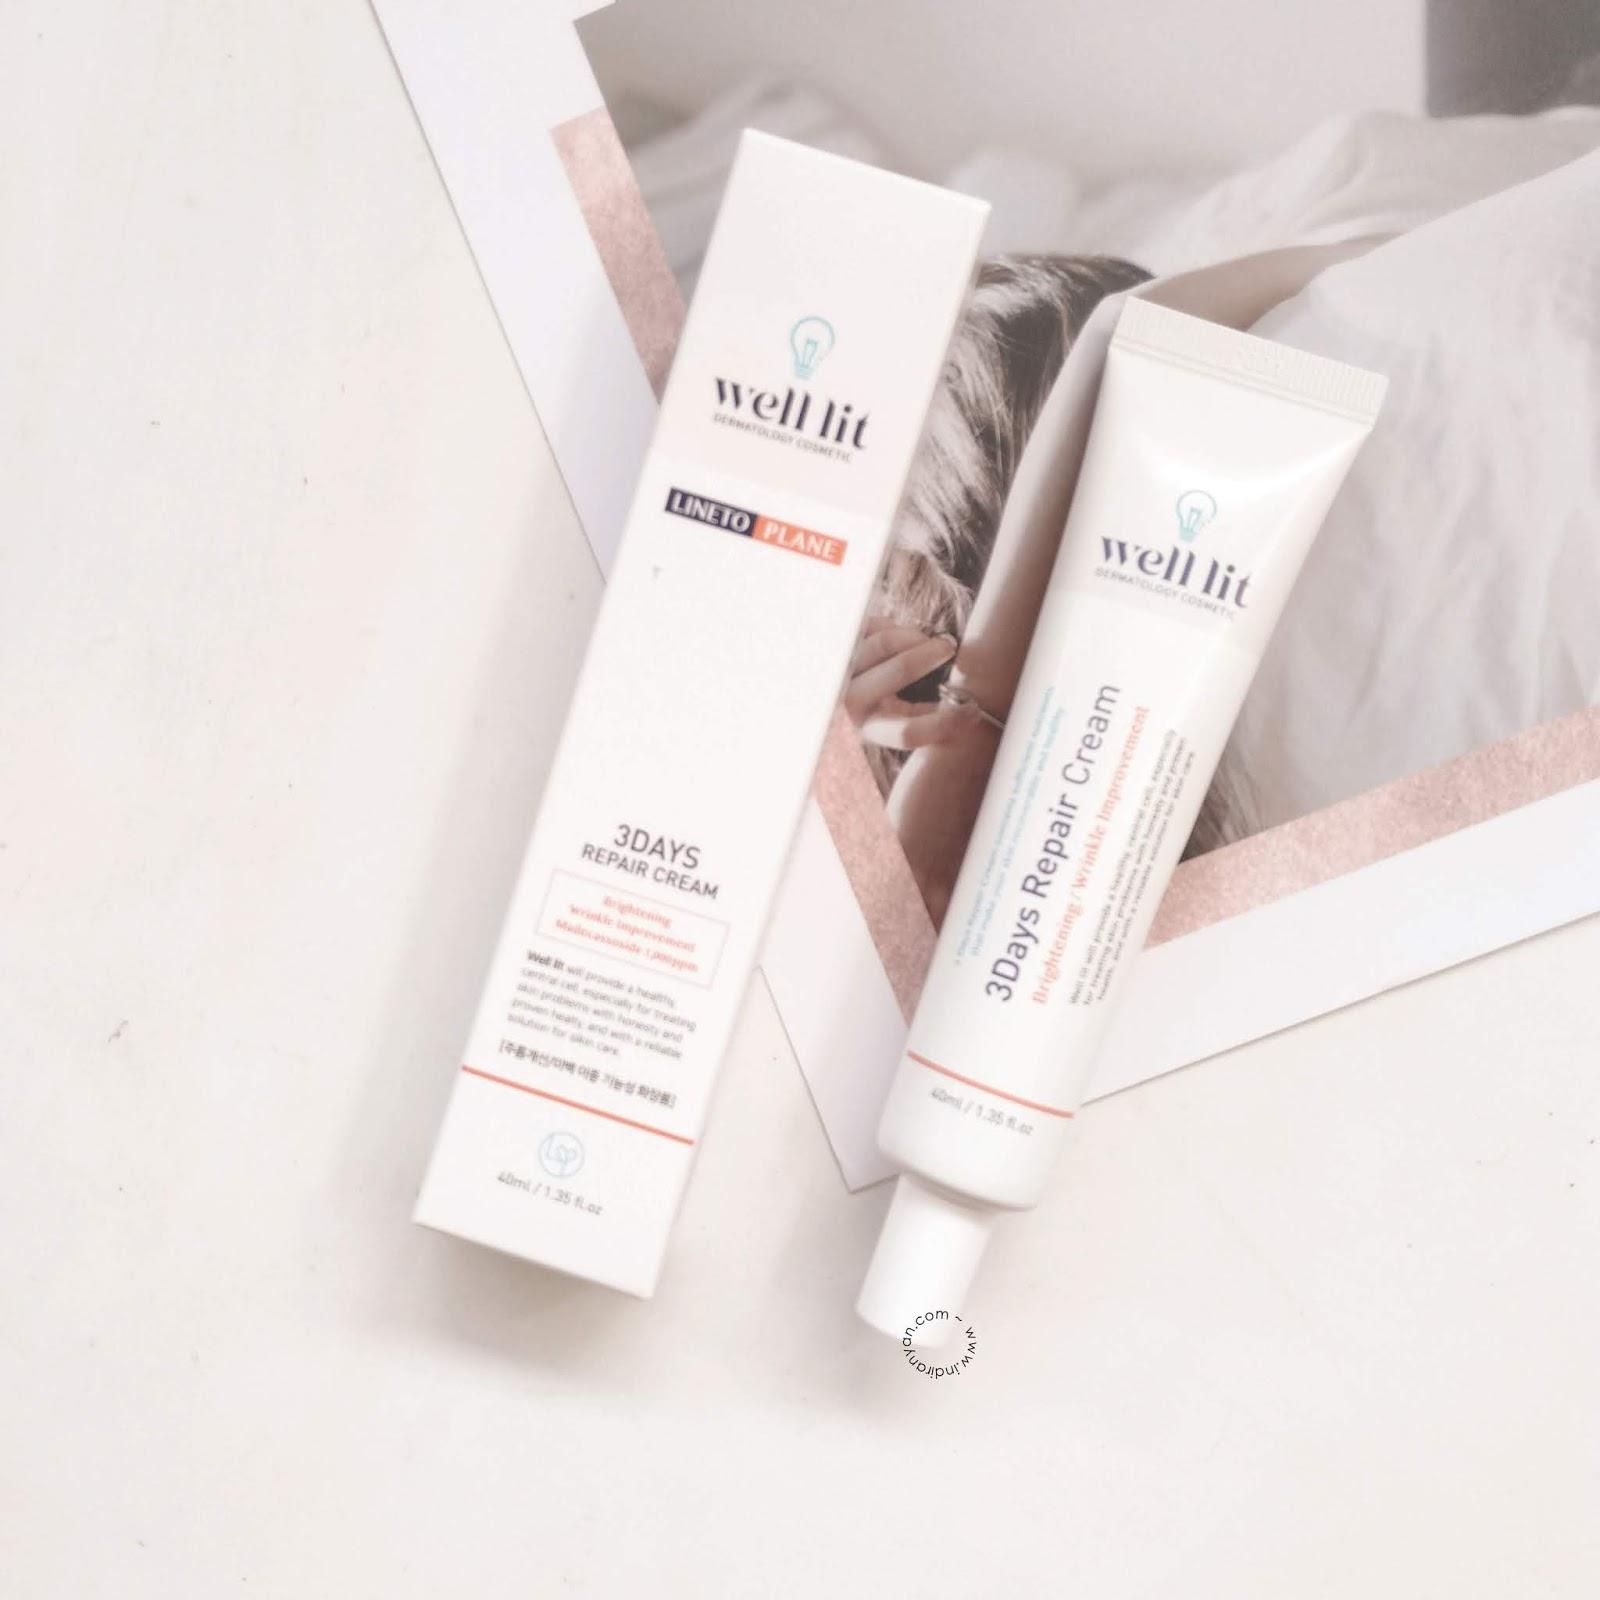 well-lit-3-days-repair-cream